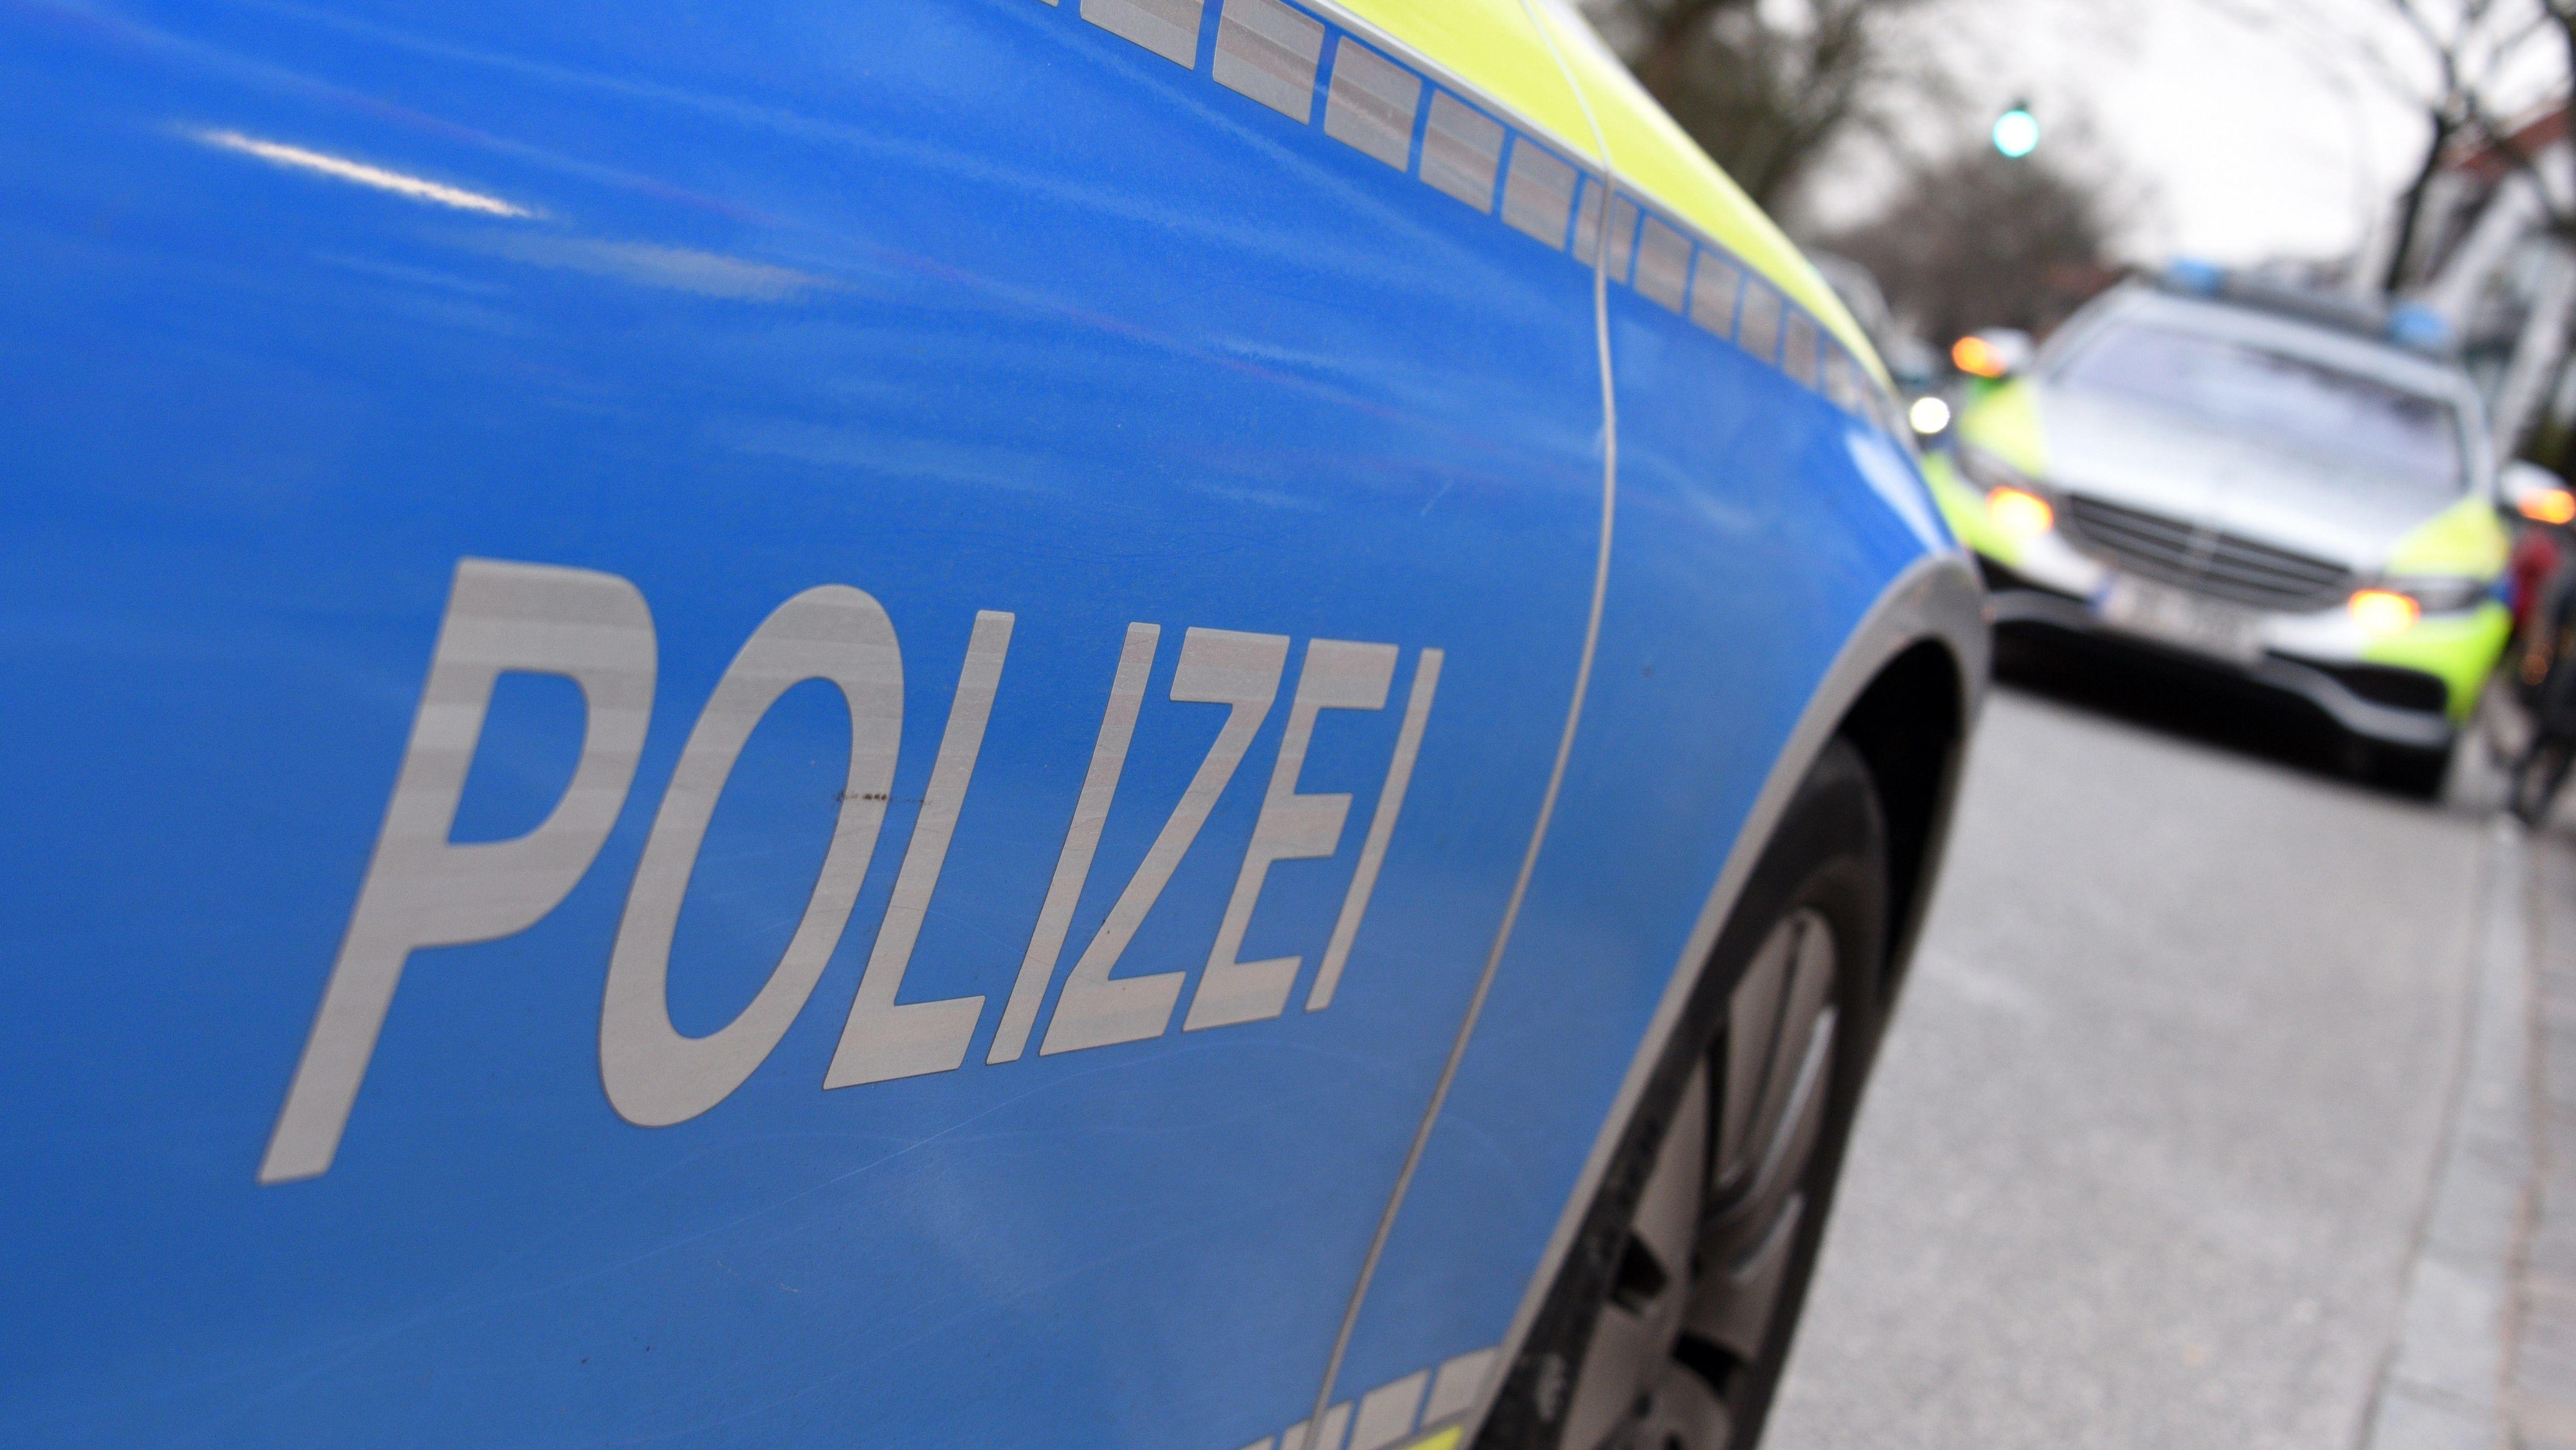 Polizei in Unterfranken ist zufrieden mit Vernunft der Bürger